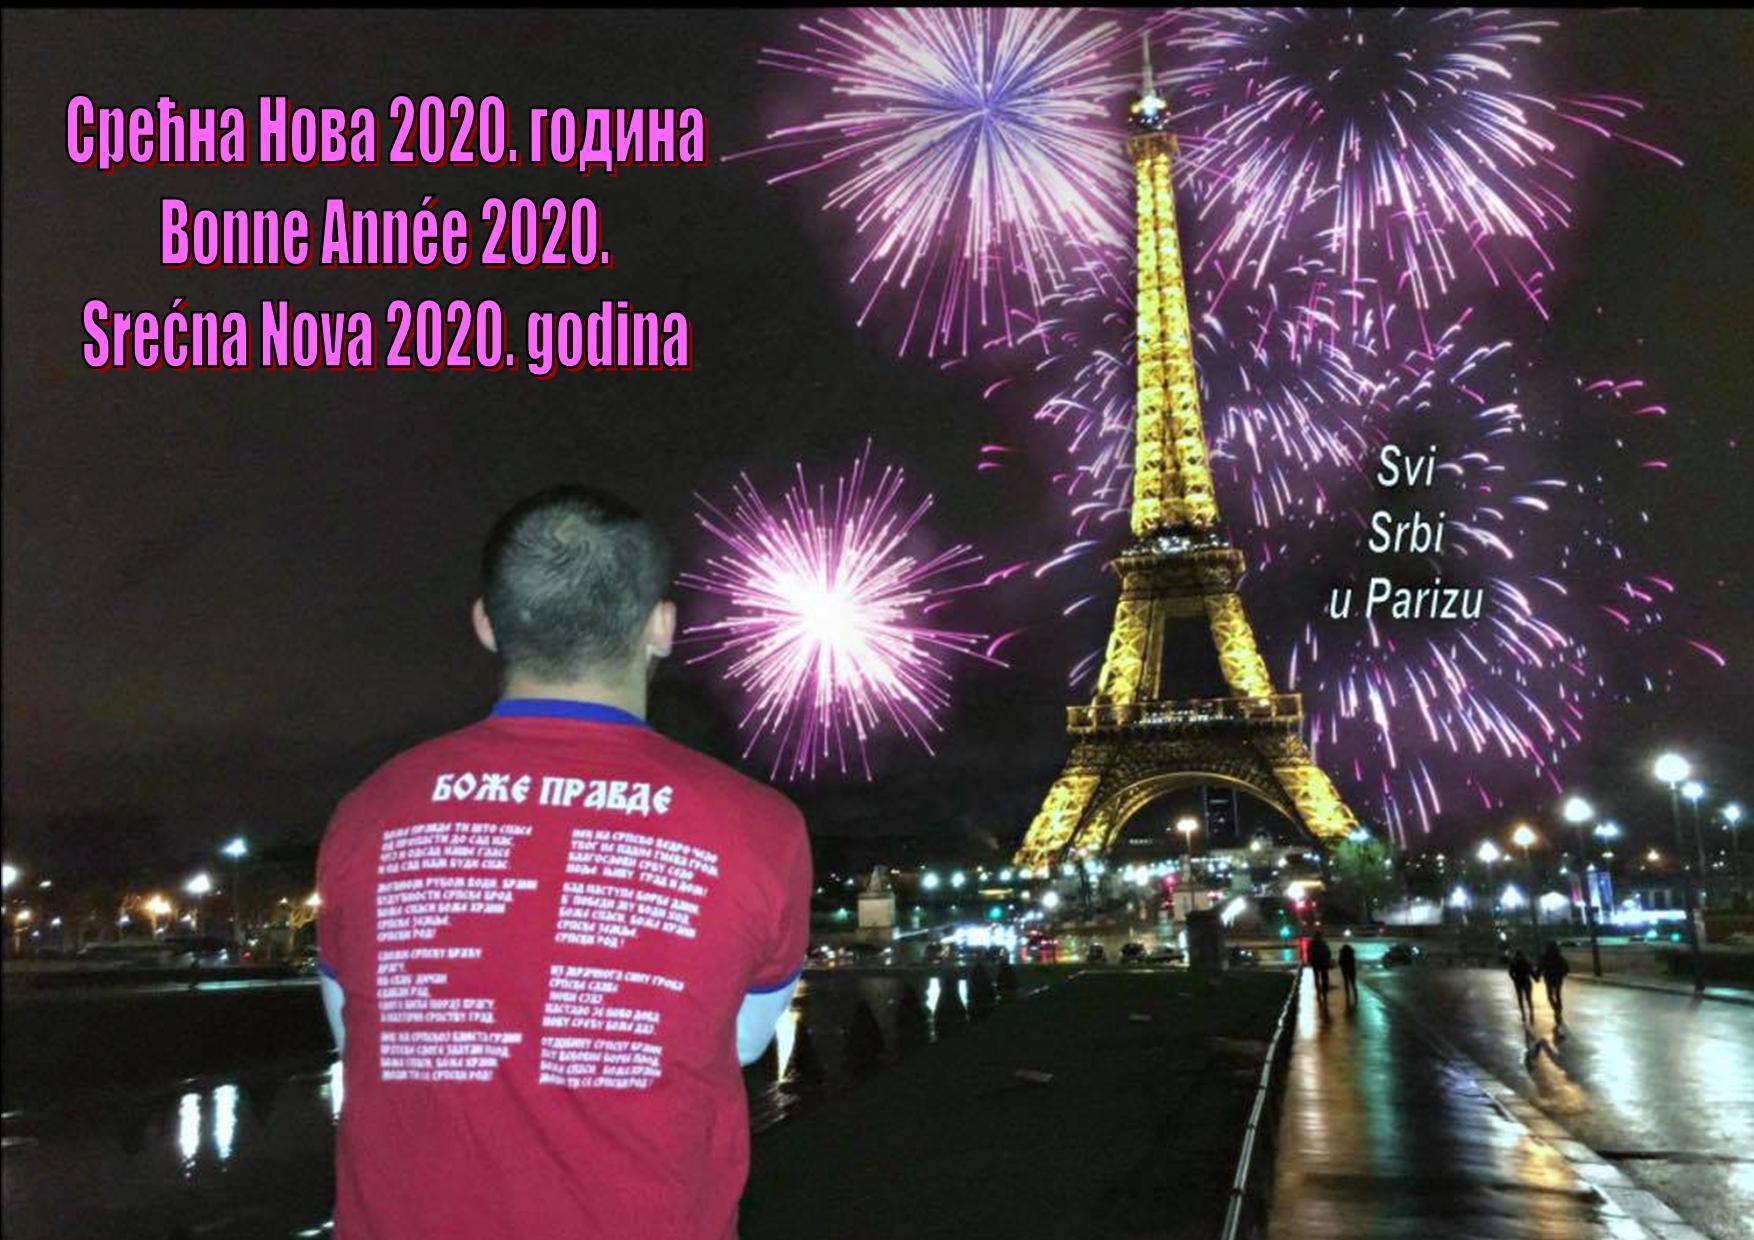 """Novogodišnja čestitka """"Svi Srbi u Parizu"""" svima vama za srećnu 2020.godinu"""